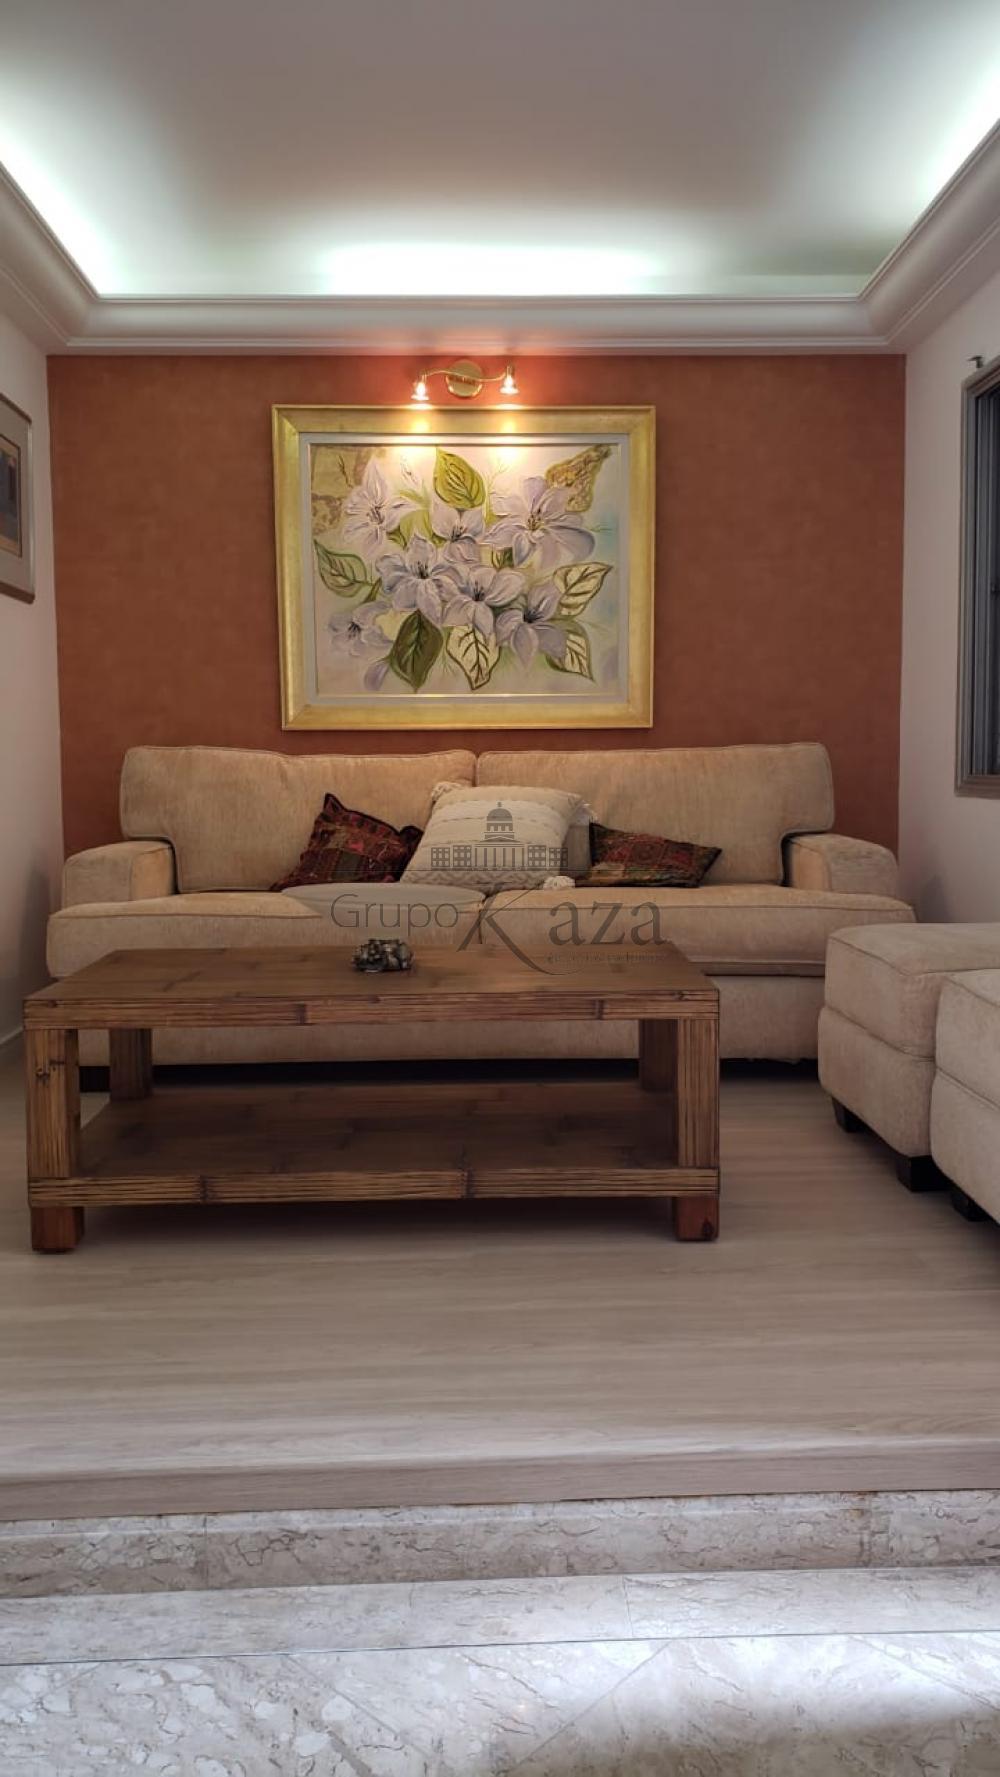 Alugar Apartamento / Padrão em São José dos Campos R$ 1.944,00 - Foto 1